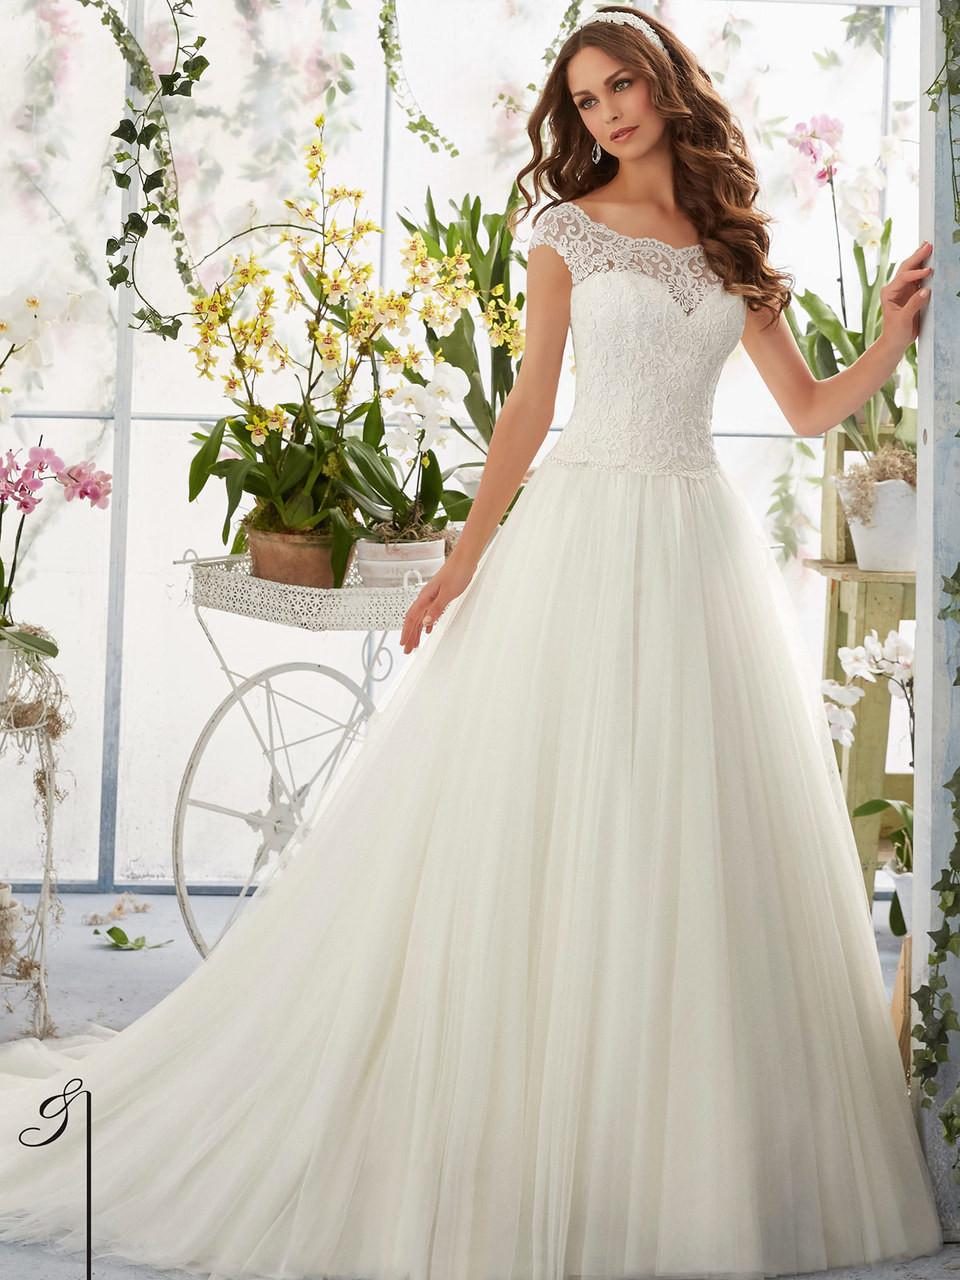 Morilee Blu 5403 Cap Sleeves Wedding Dress - Dimitra Designs